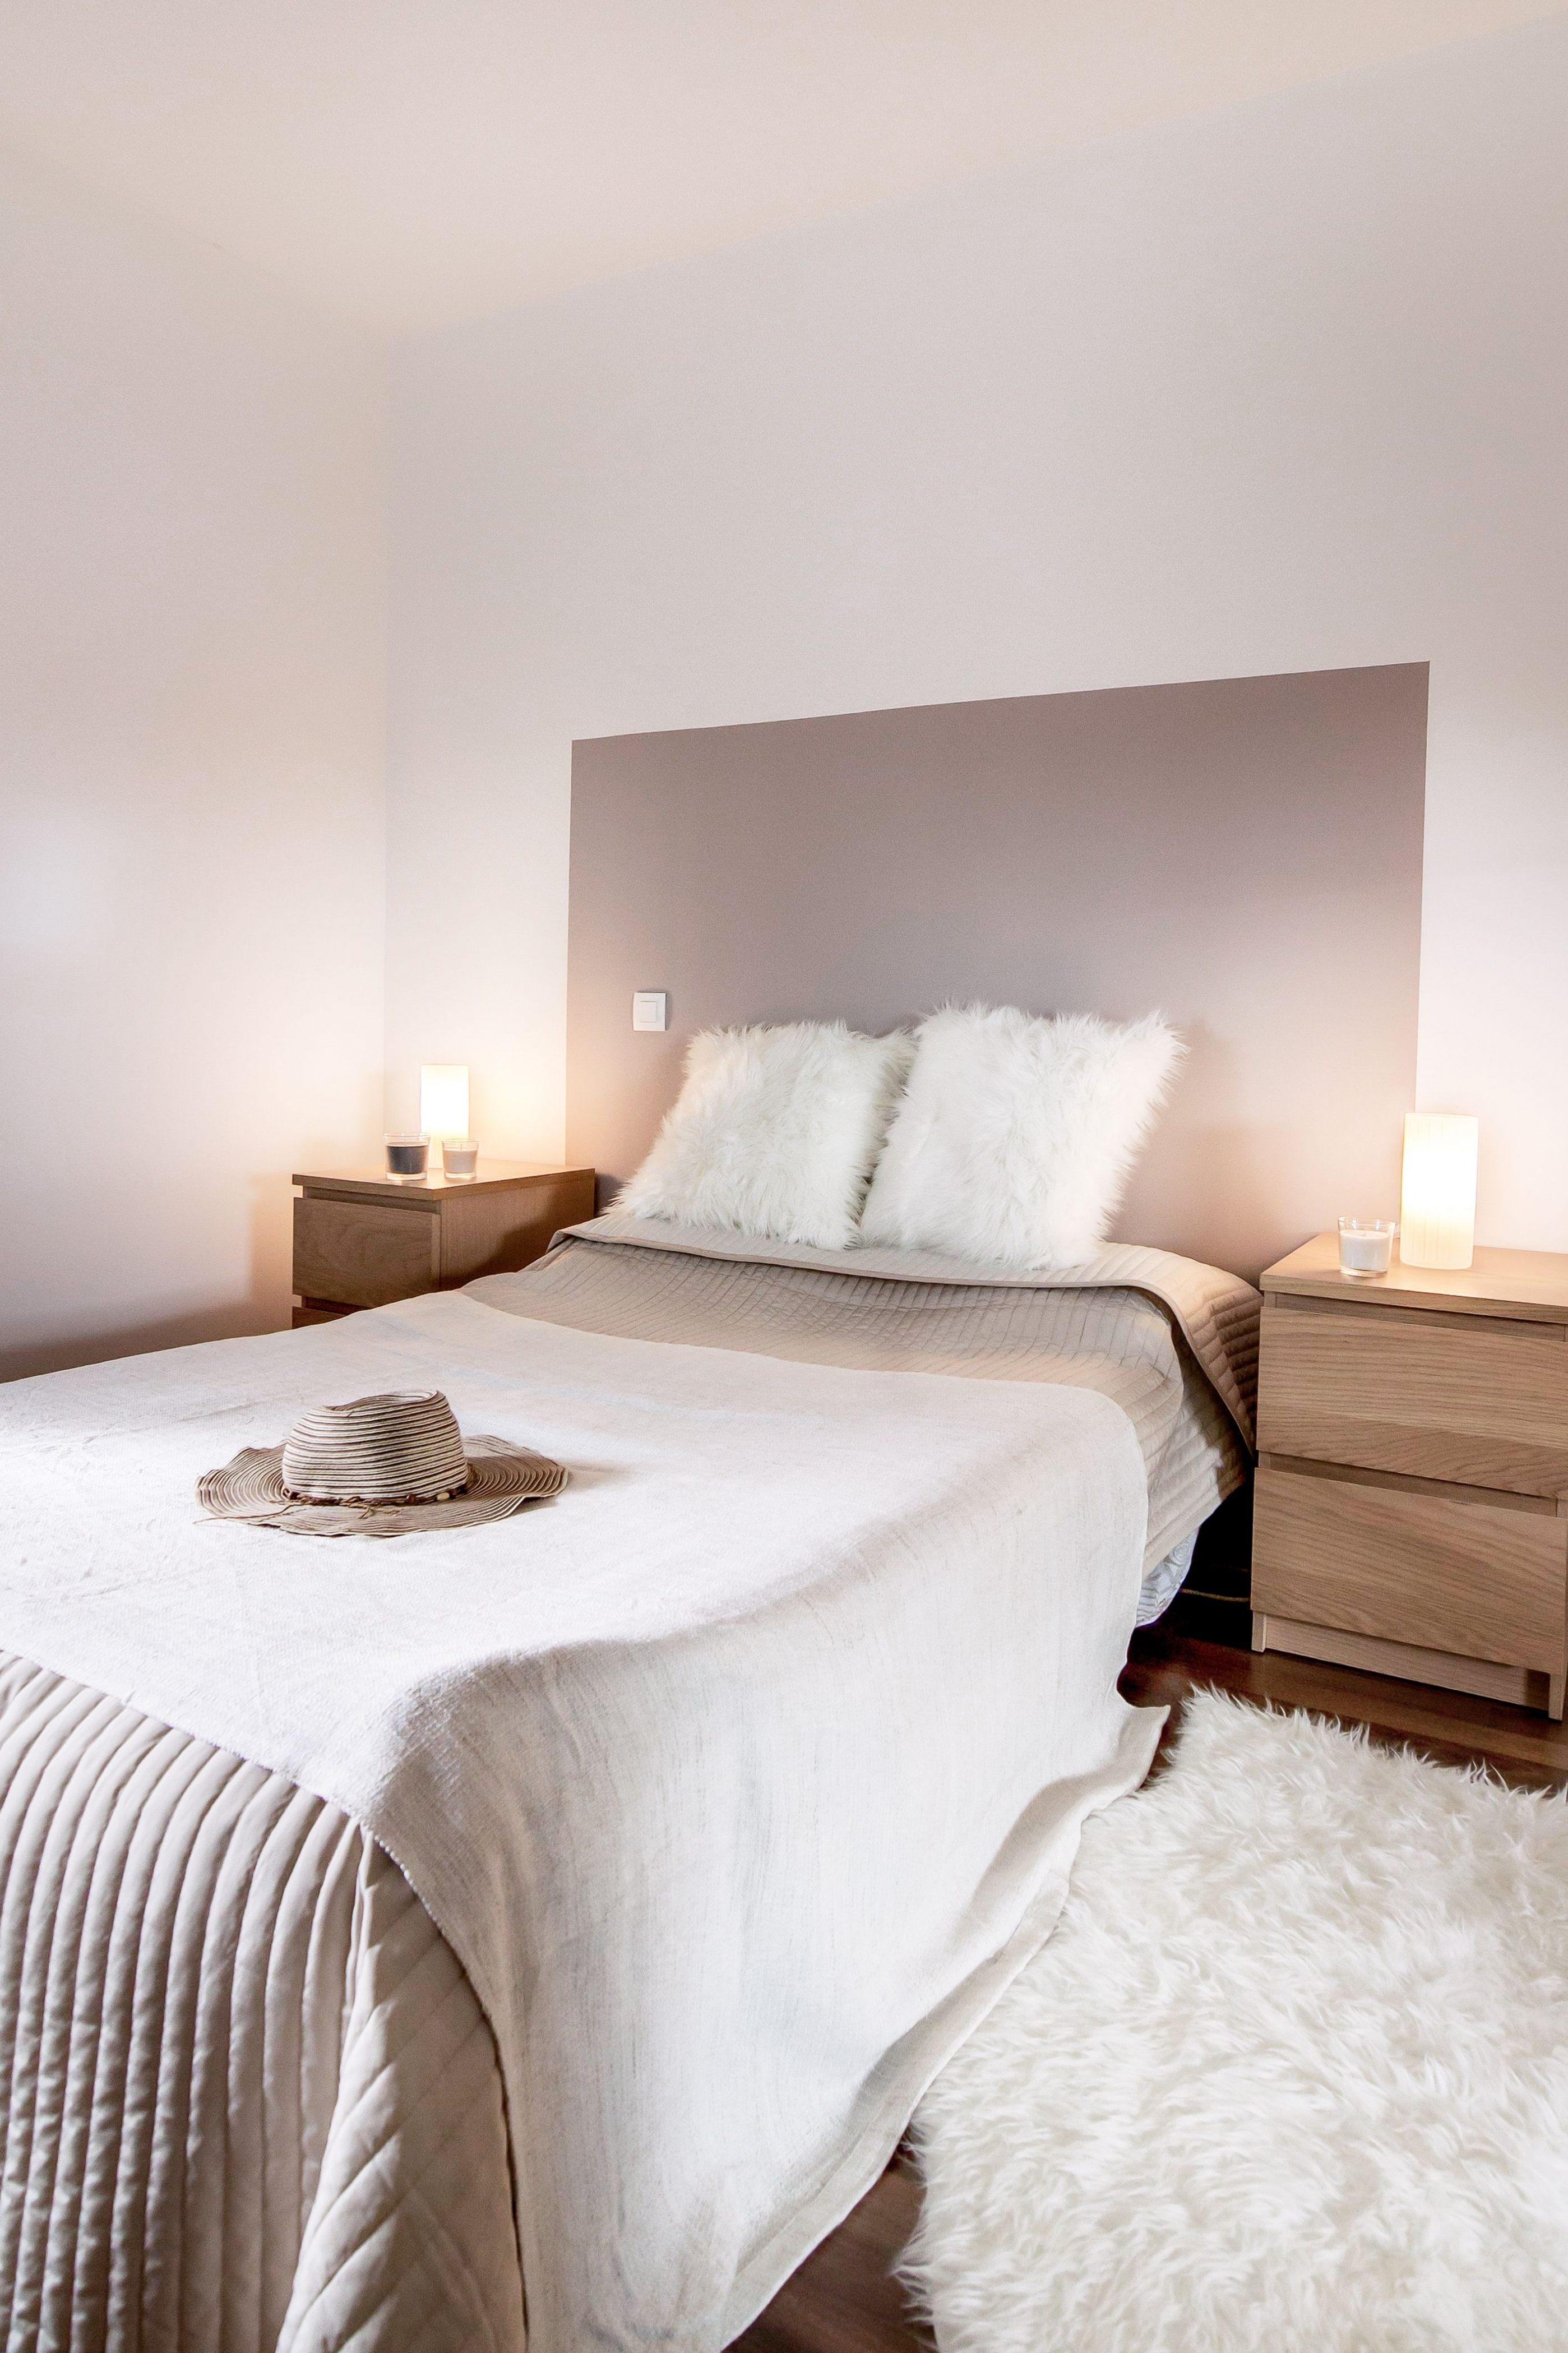 Tete De Lit En Rotin Agréable Chambre Decoration Taupe Et Blanc Beige Bois Diy Tete De Lit